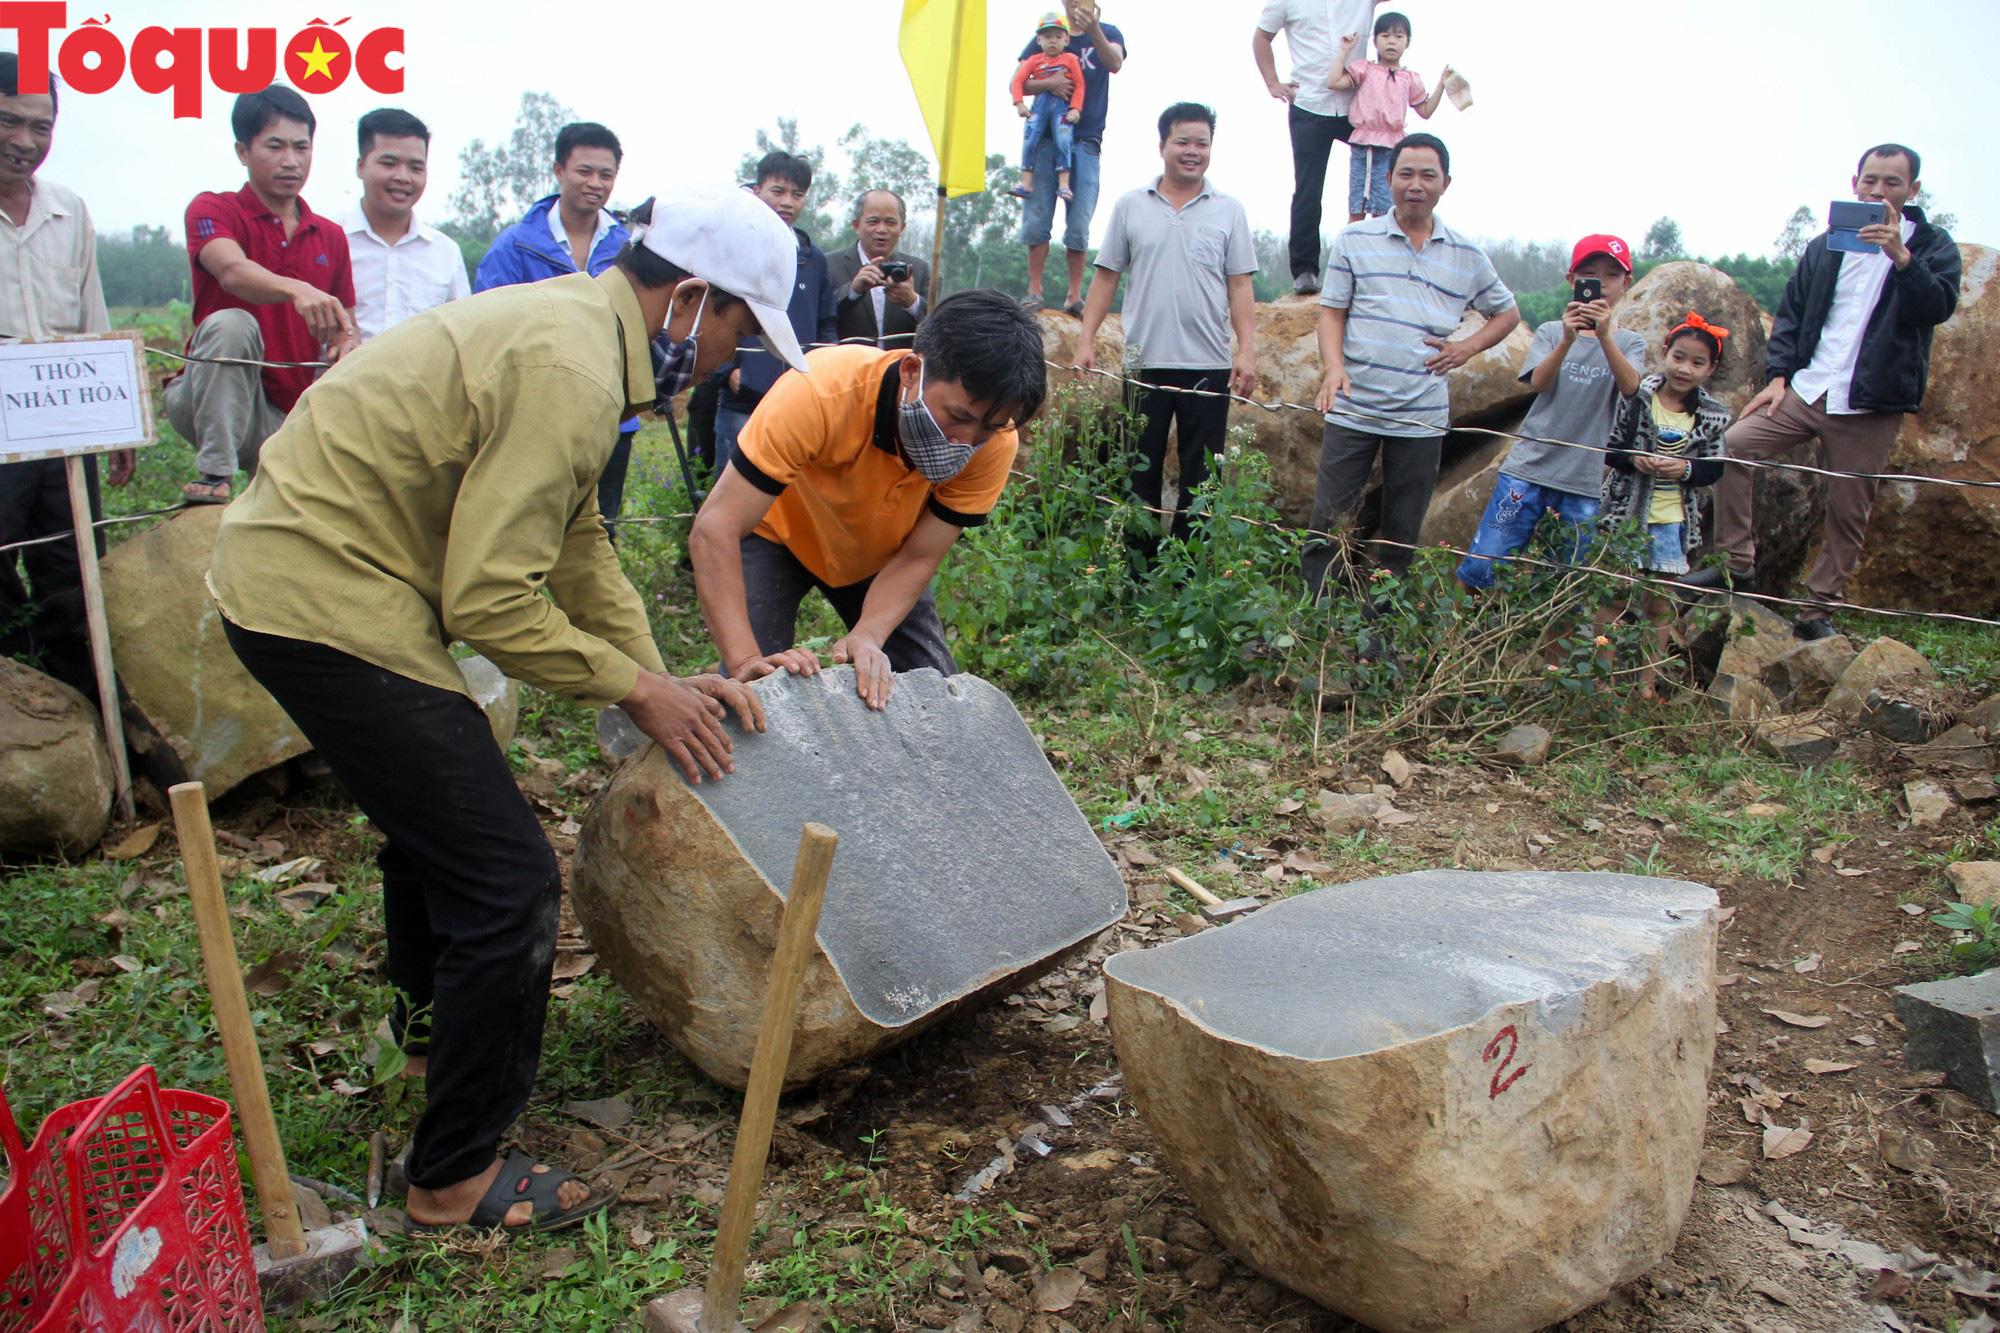 Độc đáo hội thi chẻ đá mồ côi ở Quảng Trị - Ảnh 8.